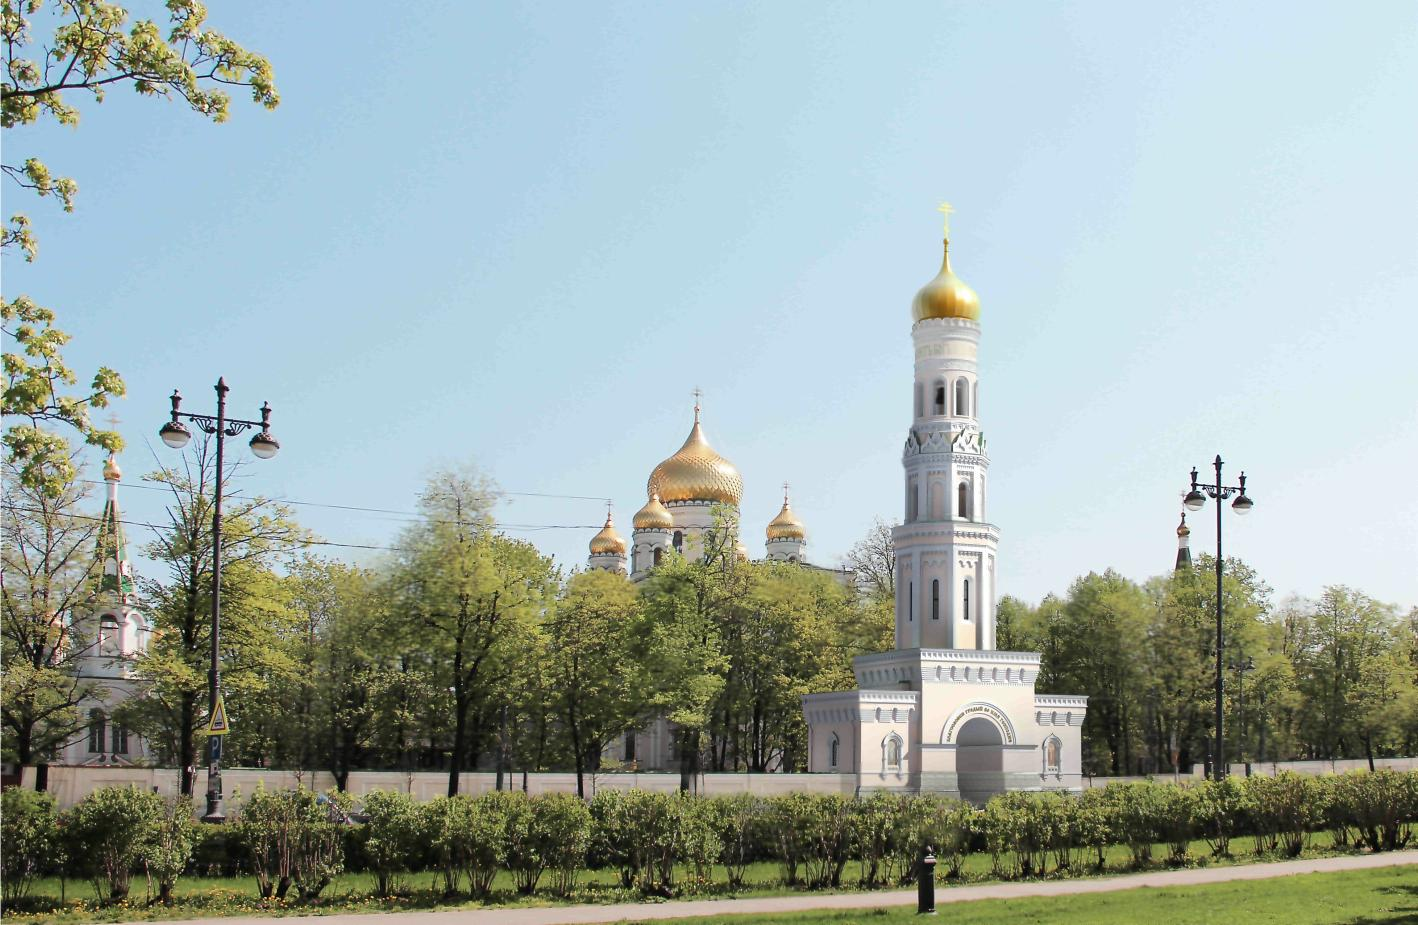 «Туда тратят деньги добрые люди». Строящаяся колокольня Новодевичьего монастыря обрастает тайнами